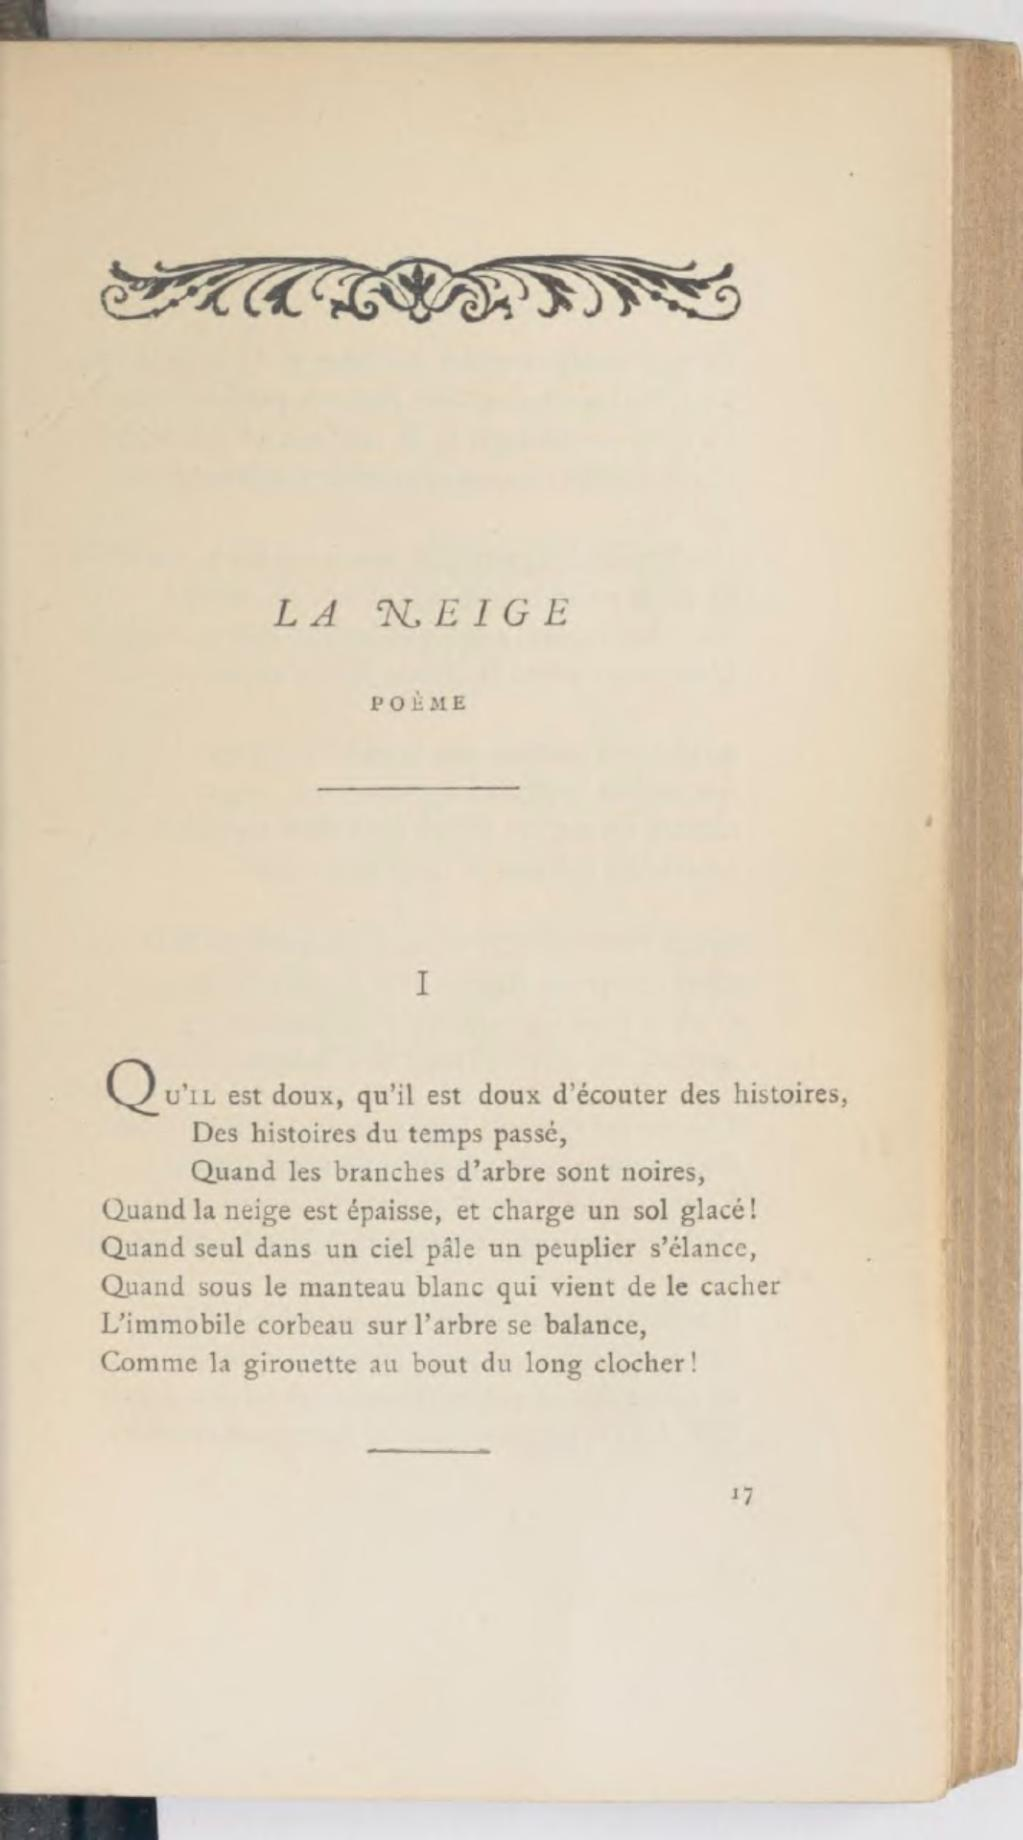 Qu Est Ce Qui Est Doux : Page:Vigny, Œuvres, Complètes,, Poésies,, Lemerre,, 1883.djvu/147, Wikisource